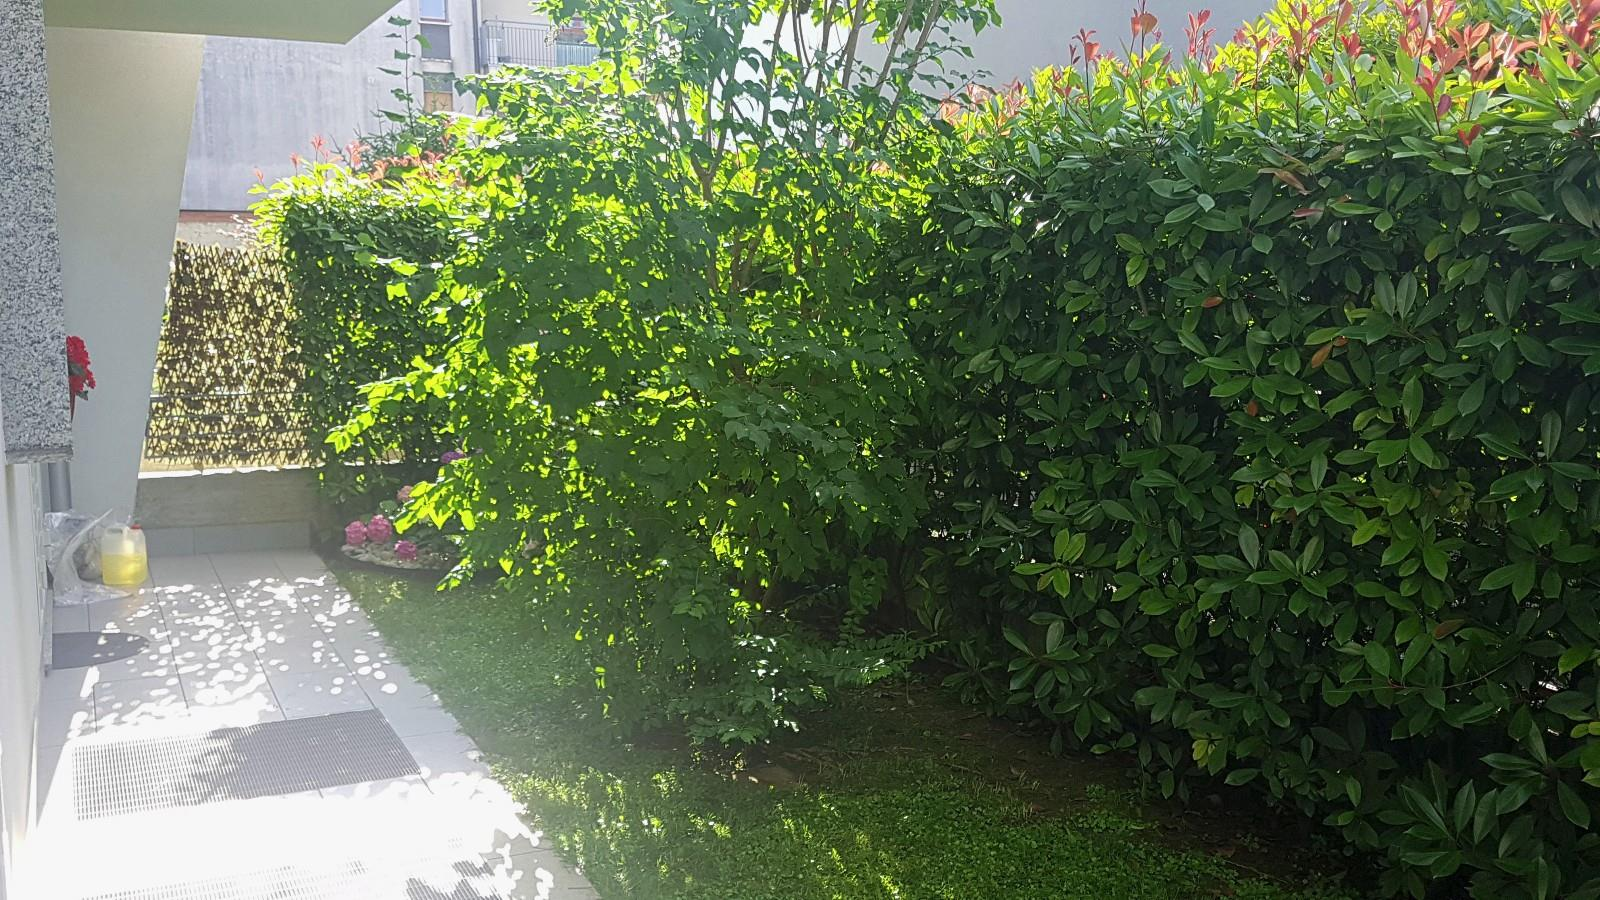 Foto 4 - Appartamento in Vendita - Monza, Zona Buonarroti